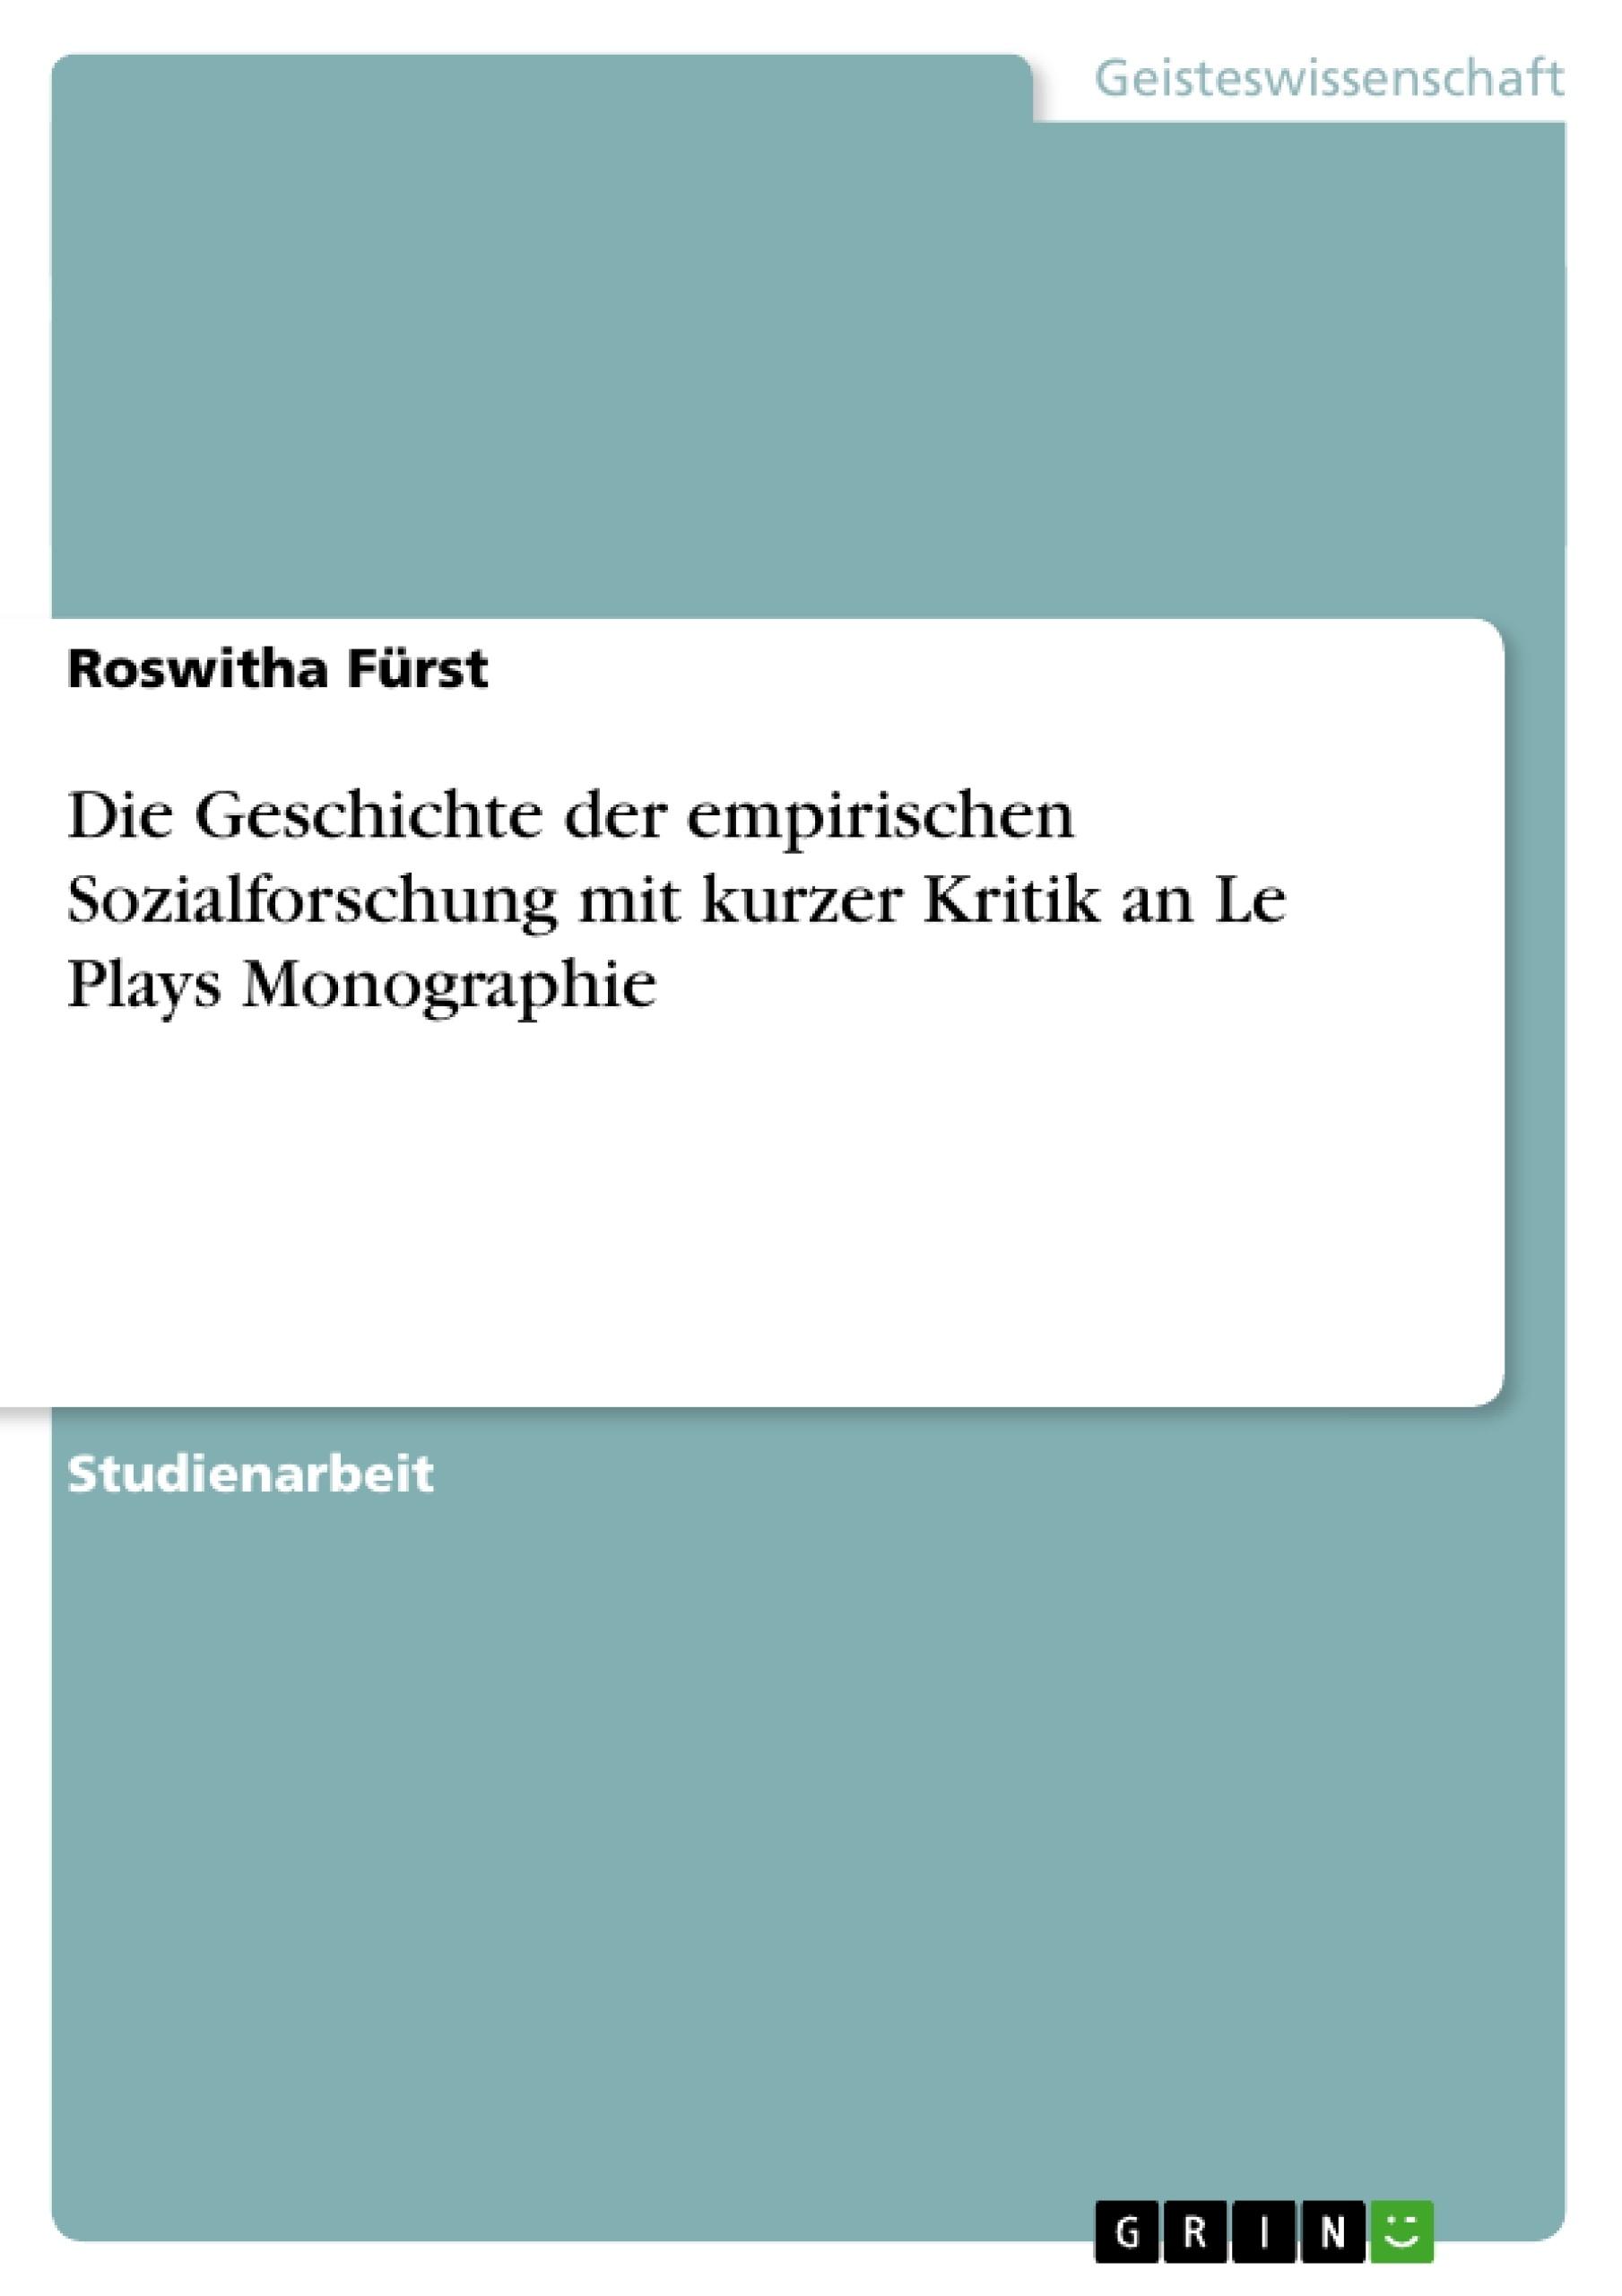 Titel: Die Geschichte der empirischen Sozialforschung mit kurzer Kritik an Le Plays Monographie